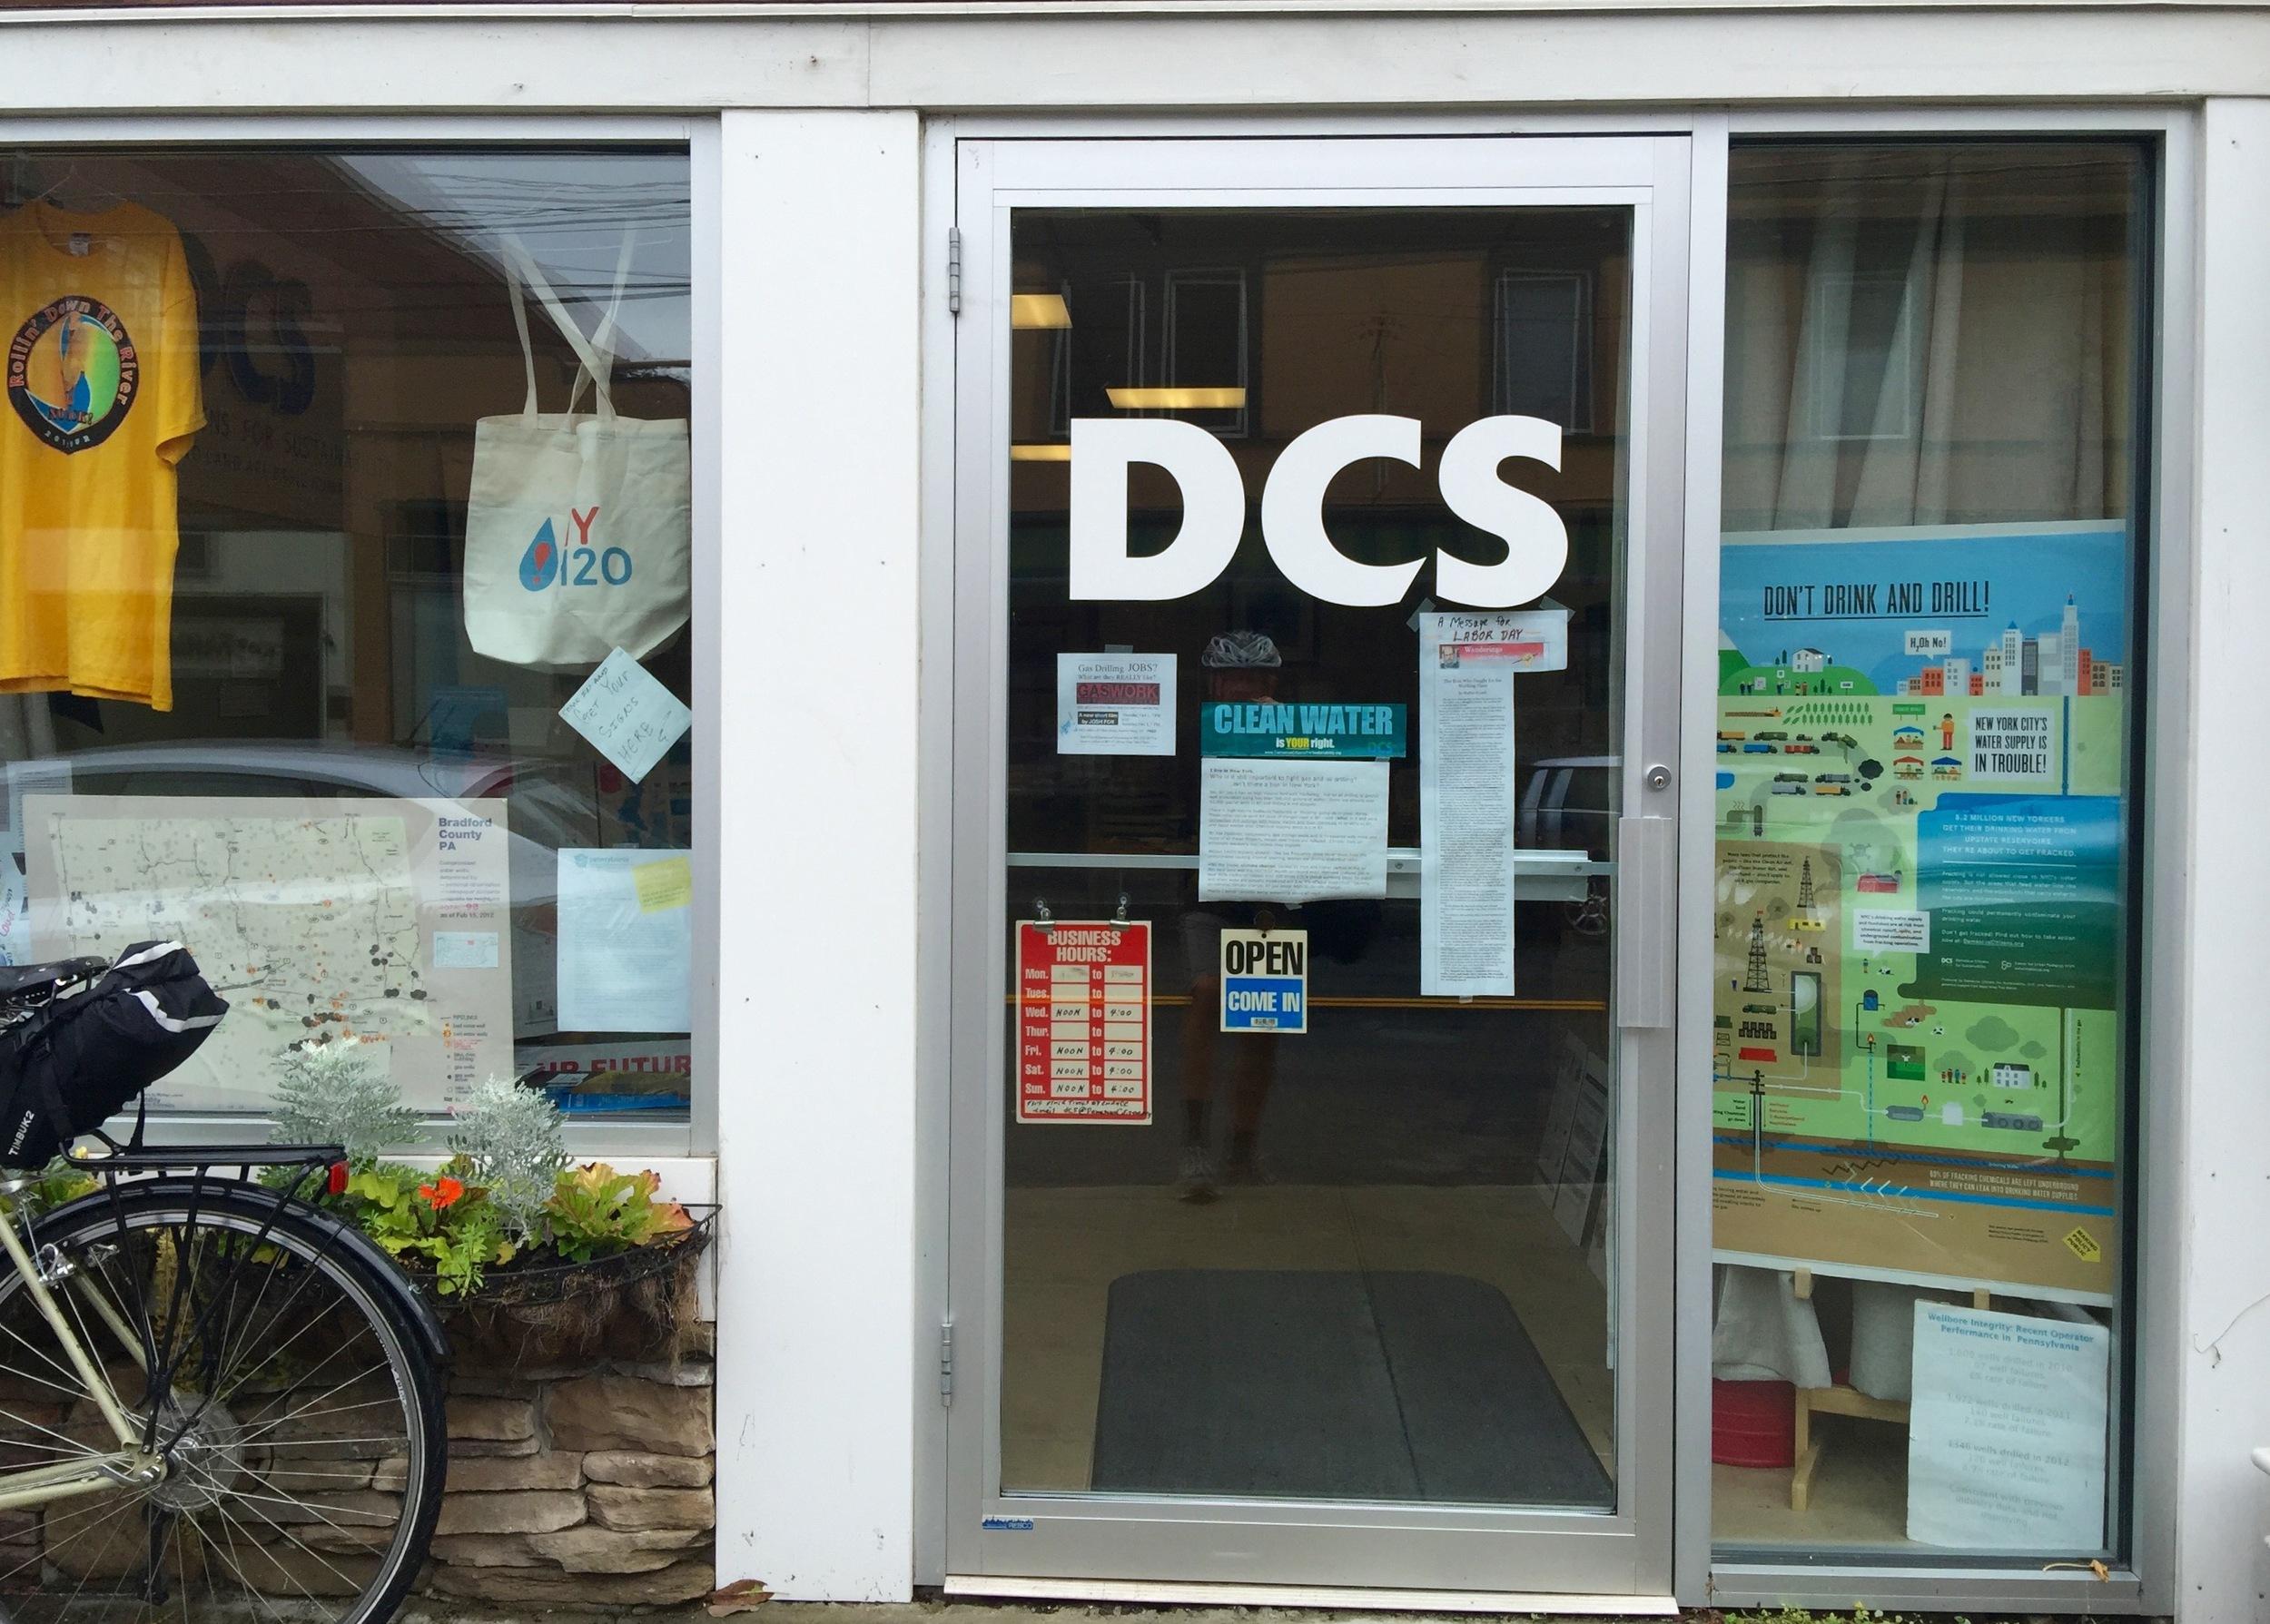 The DCS office in Narrowsburg, NY